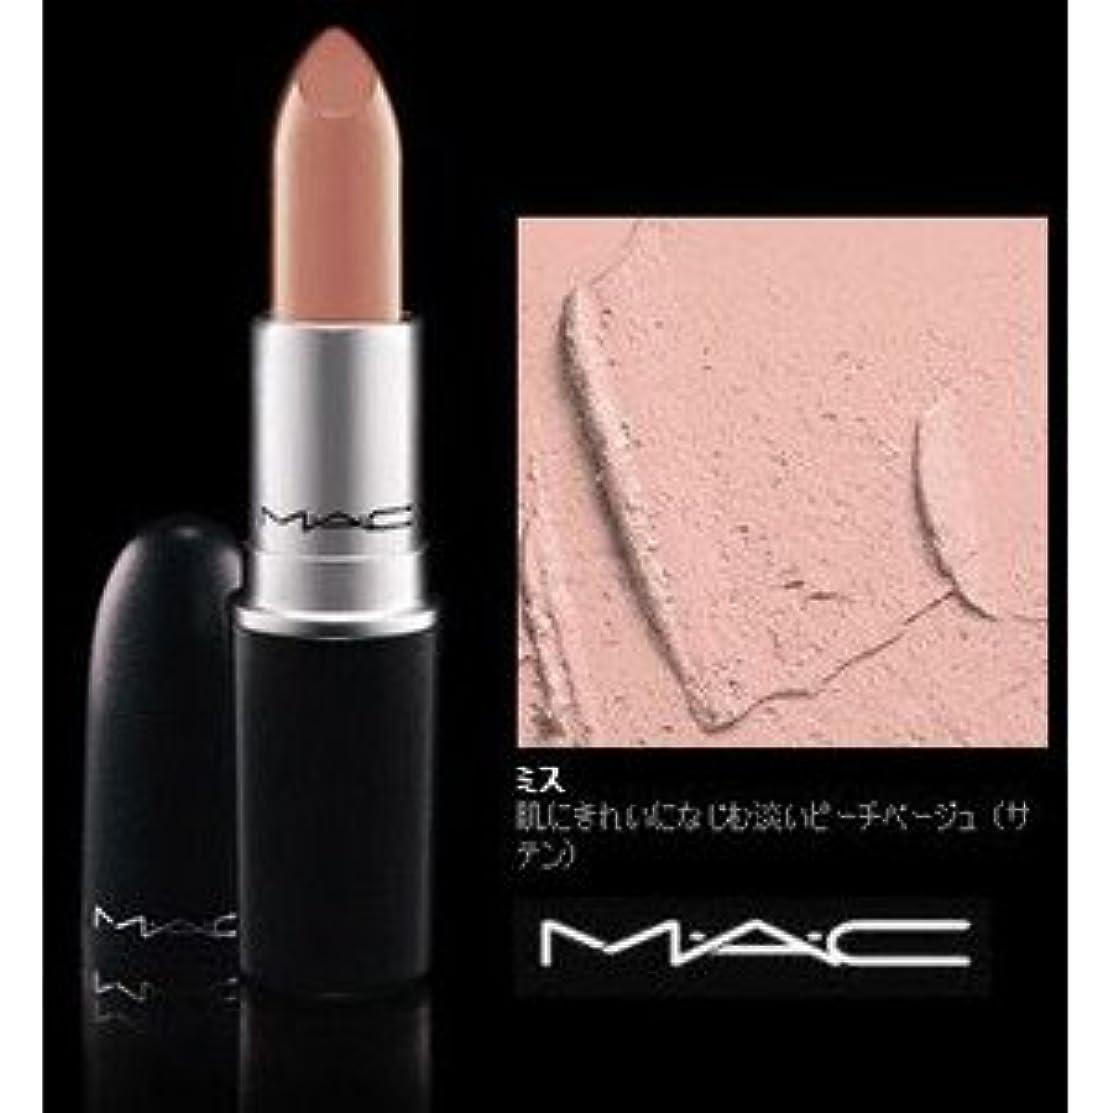 マック MAC リップスティック #ミス/MYTH